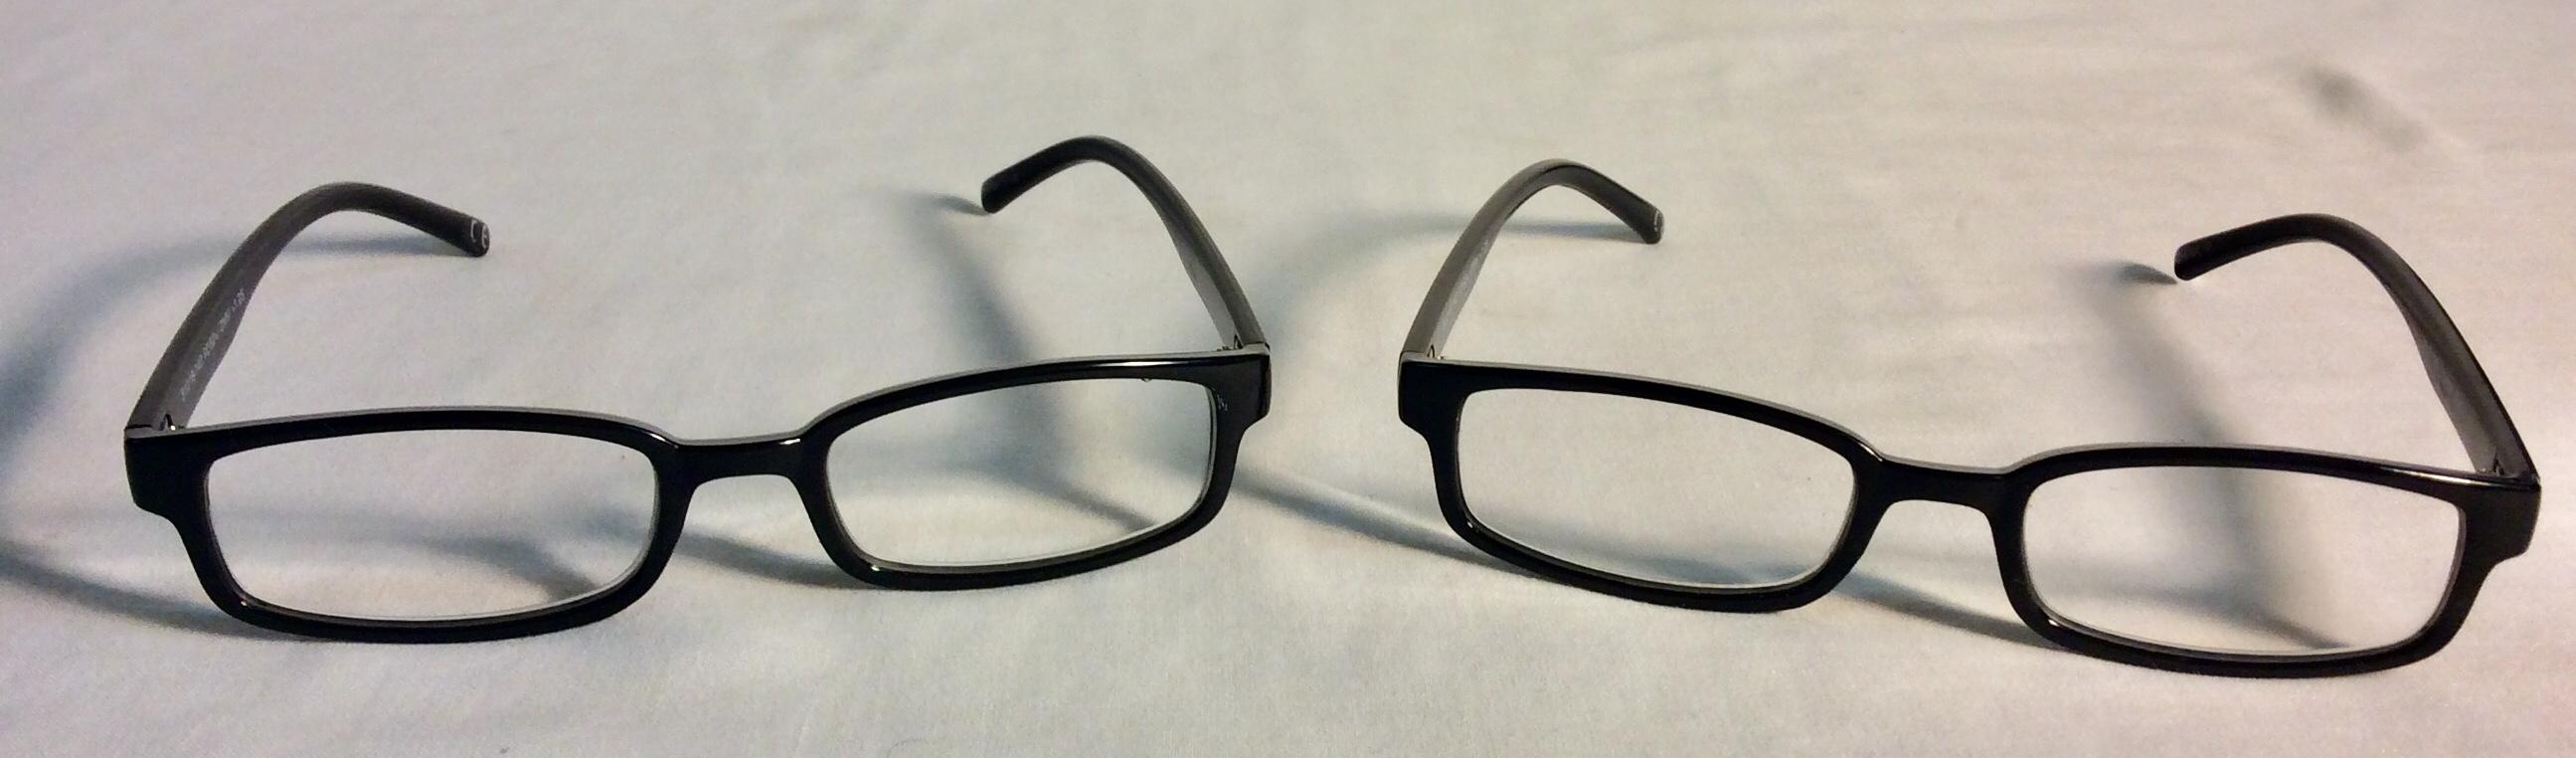 Black plastic frame eyeglasses